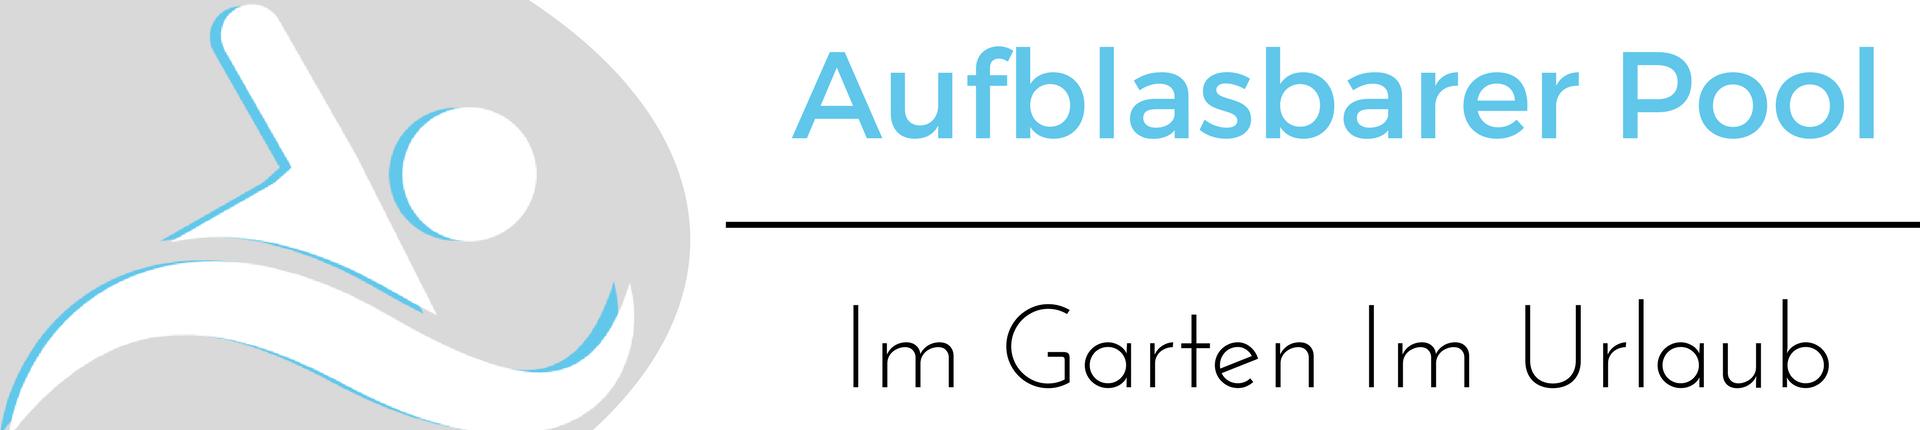 Das Logo von aufblasbarer Pool zeigt ein passendes Symblol und den Namen der Webseite